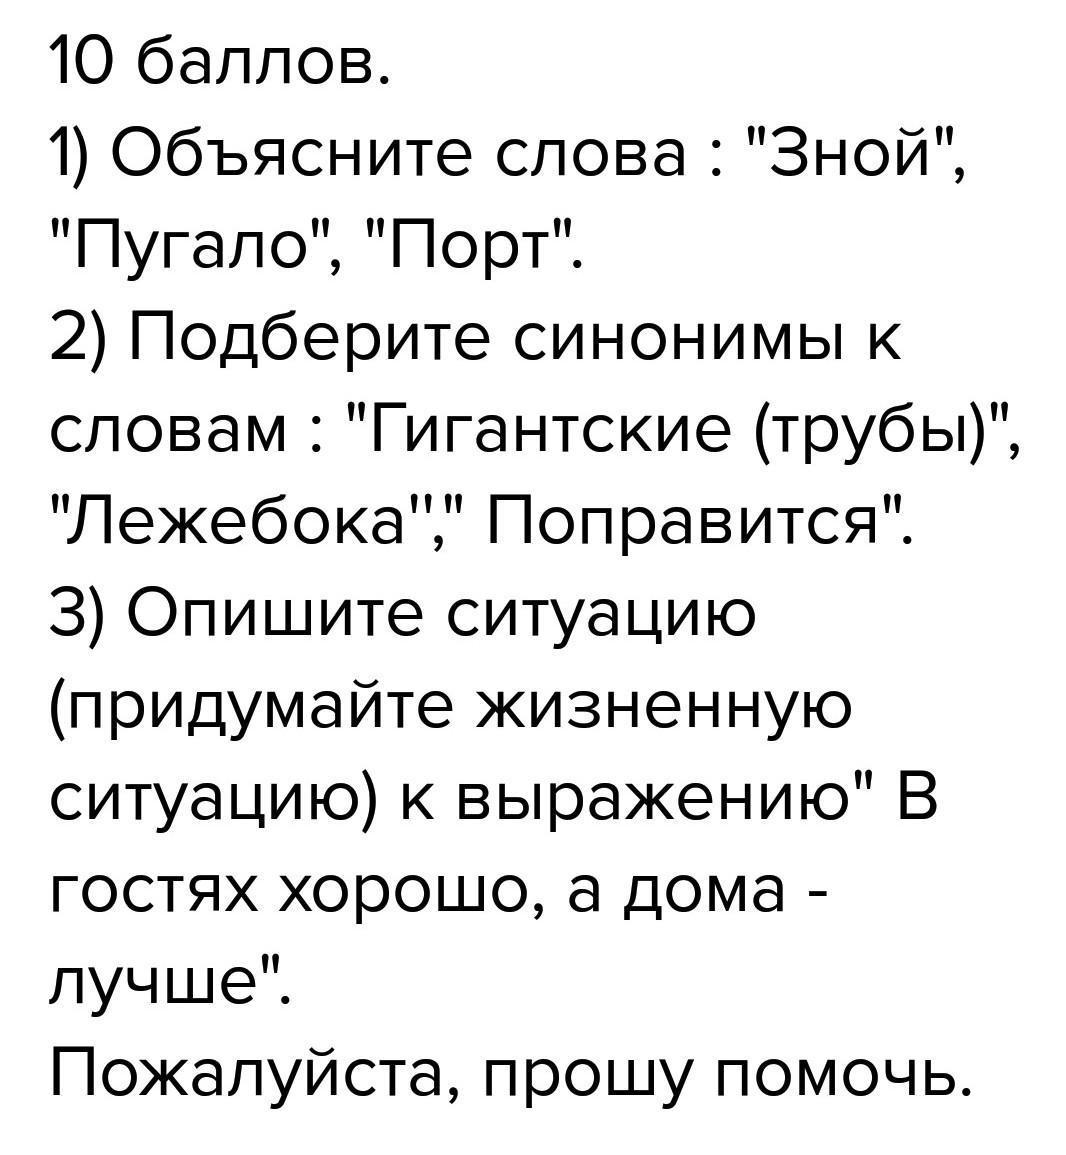 псковская область проститутки